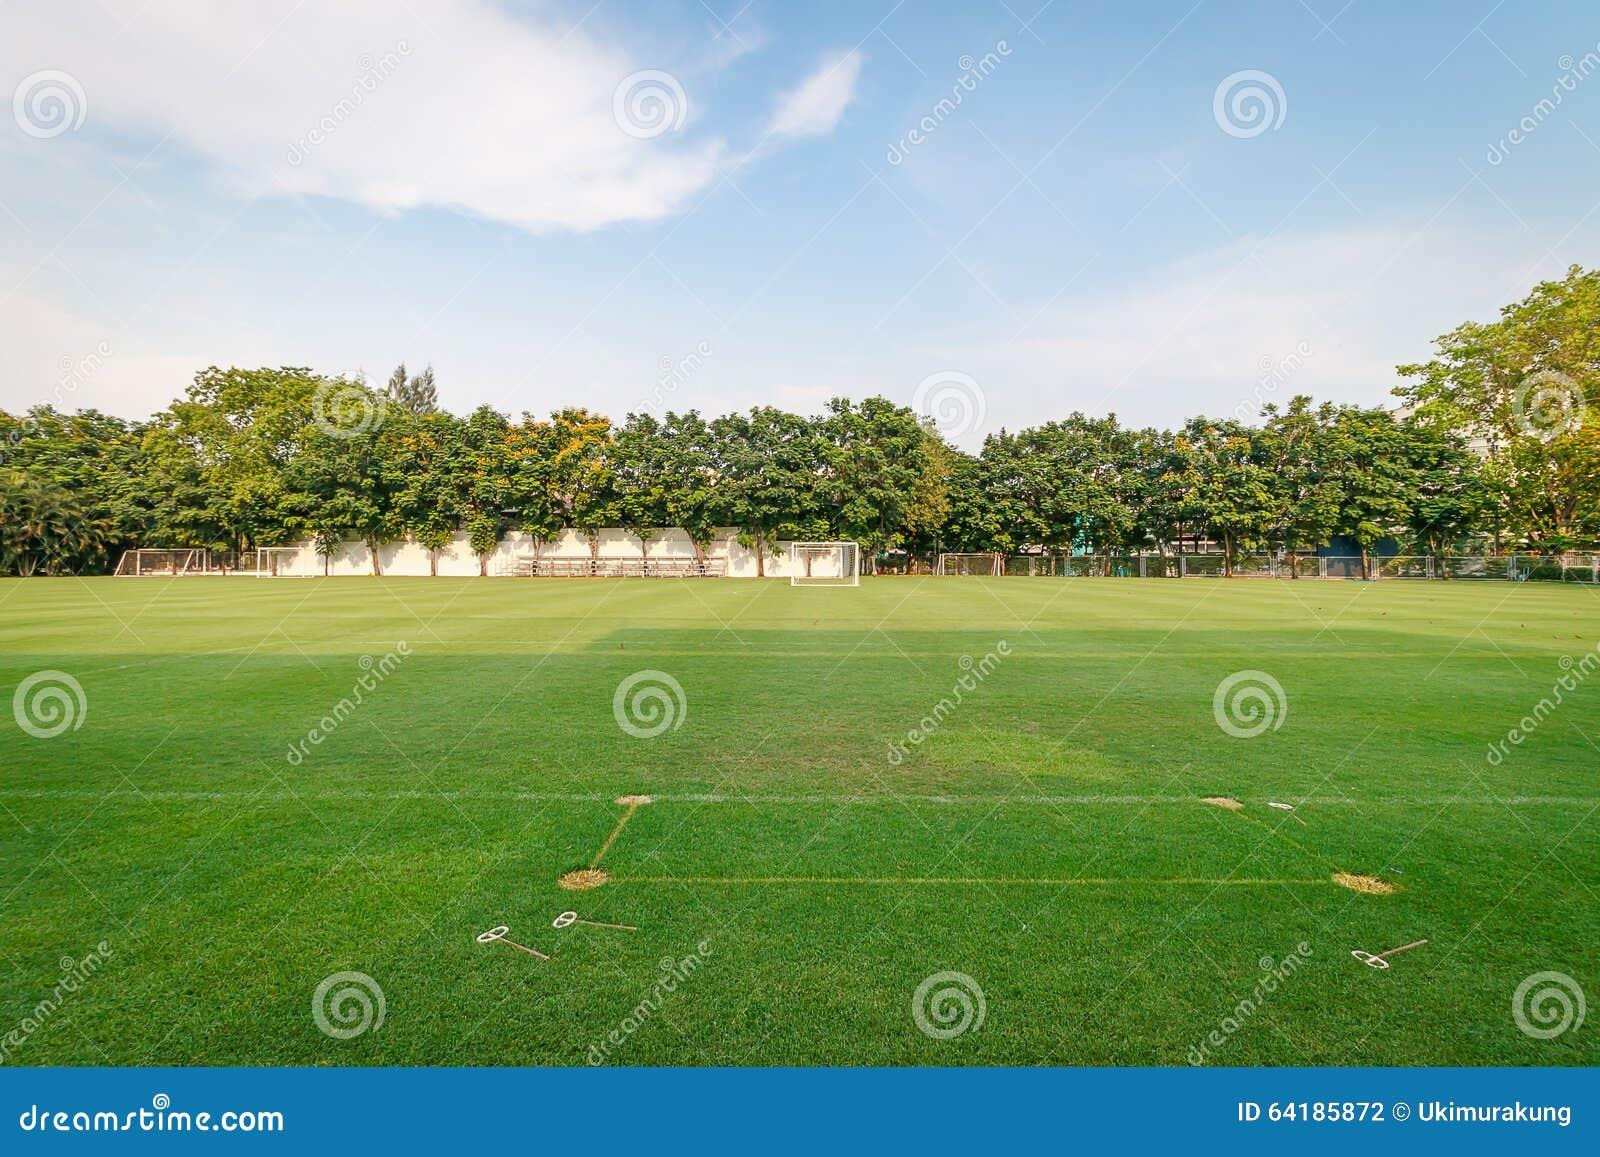 Fotboll eller fotboll sätter in